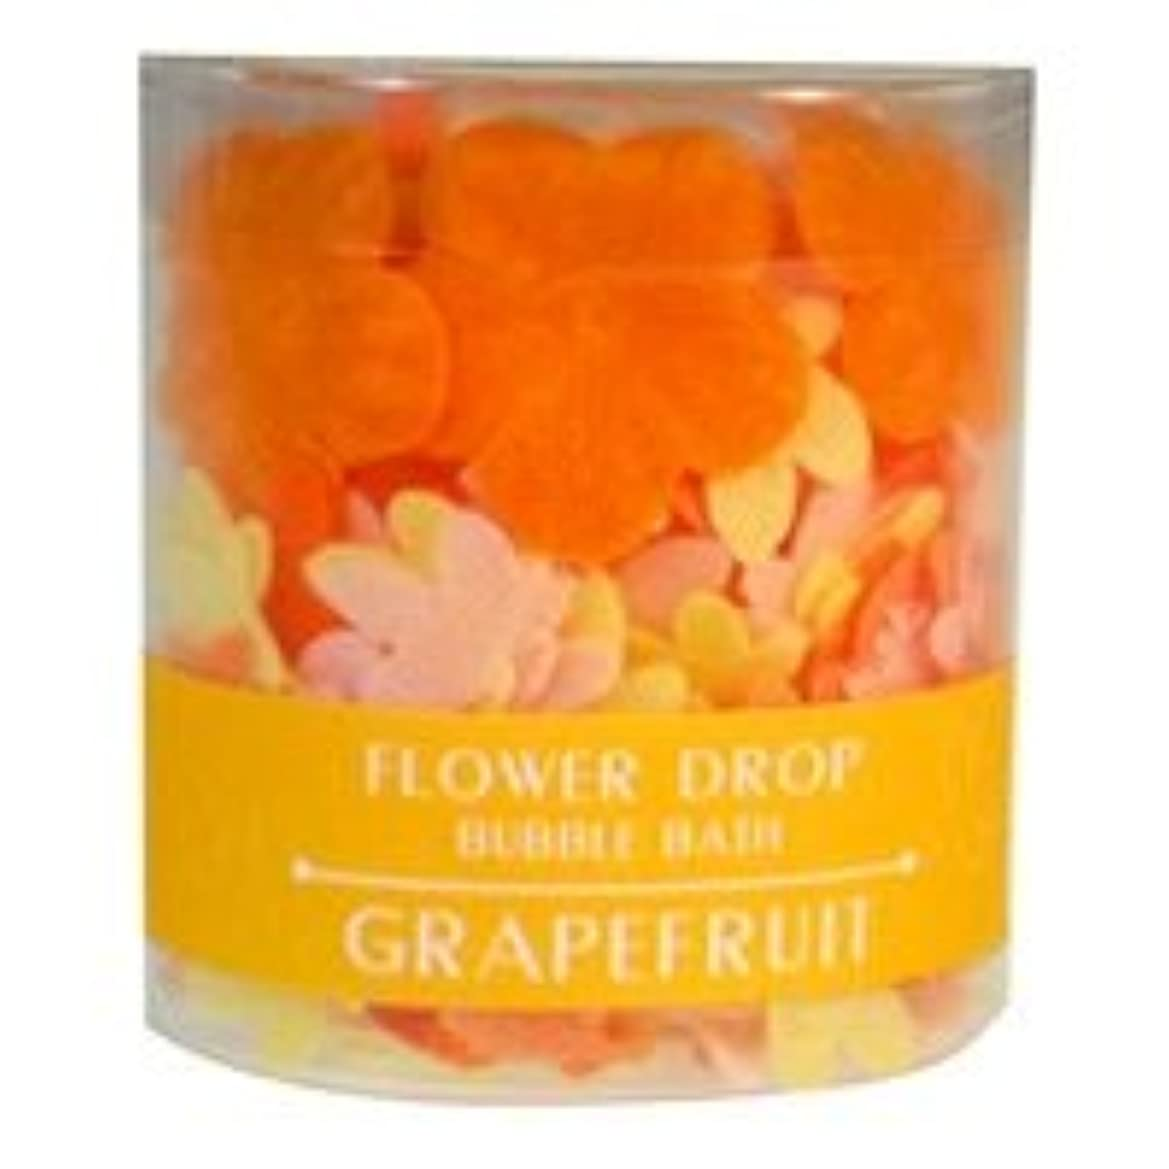 非常に怒っていますおめでとう採用するフラワードロップ「グレープフルーツ」20個セット 葉っぱの形のペタル